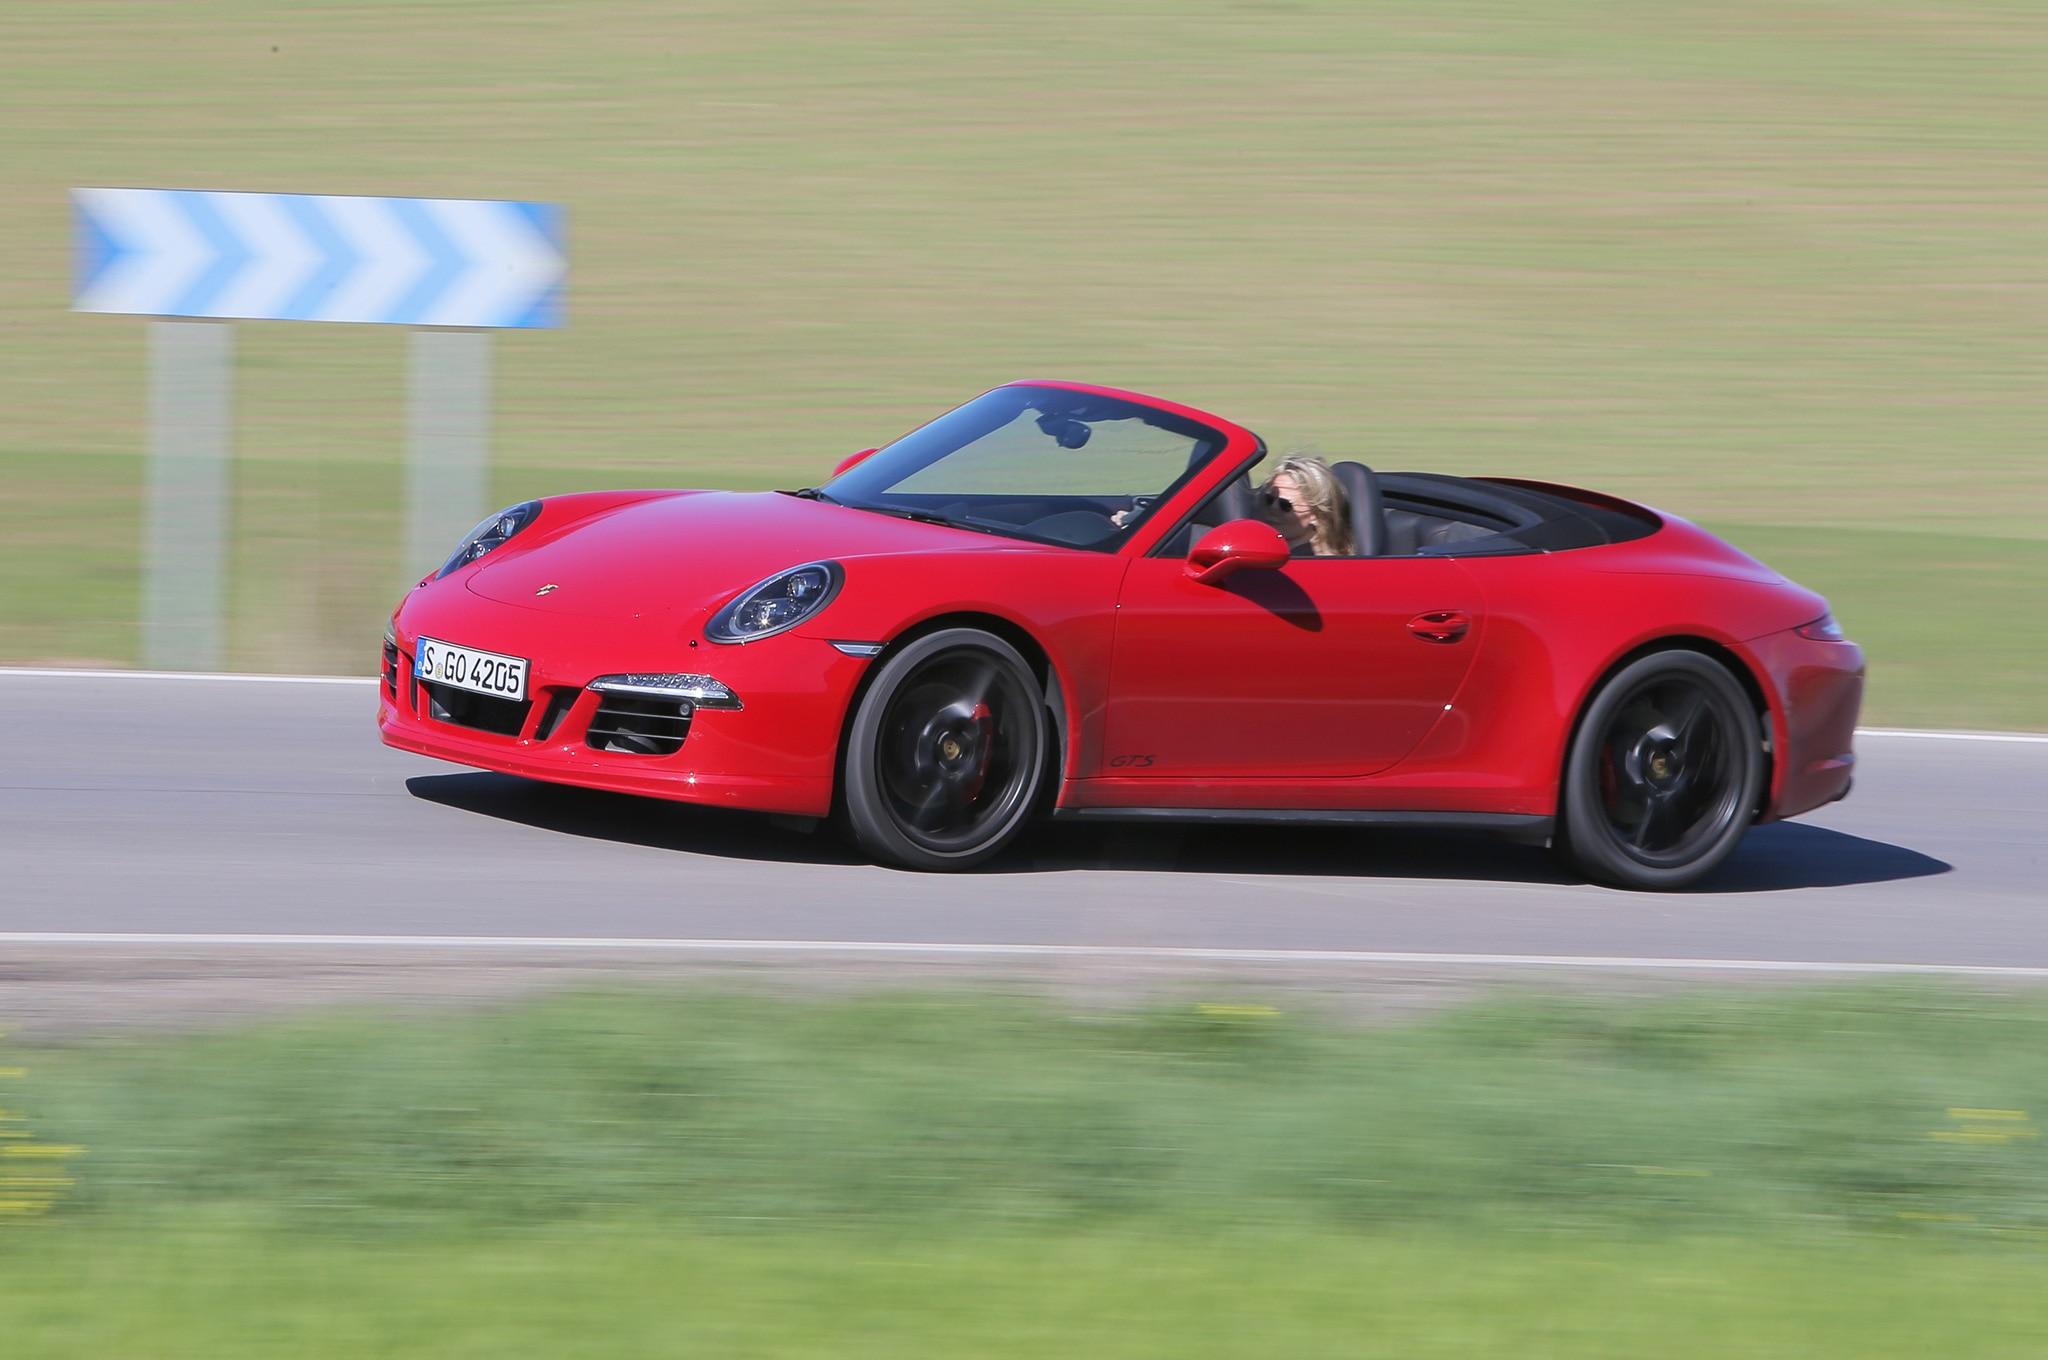 2015 Porsche 911 GTS Cabriolet Front Three Quarter In Motion 03